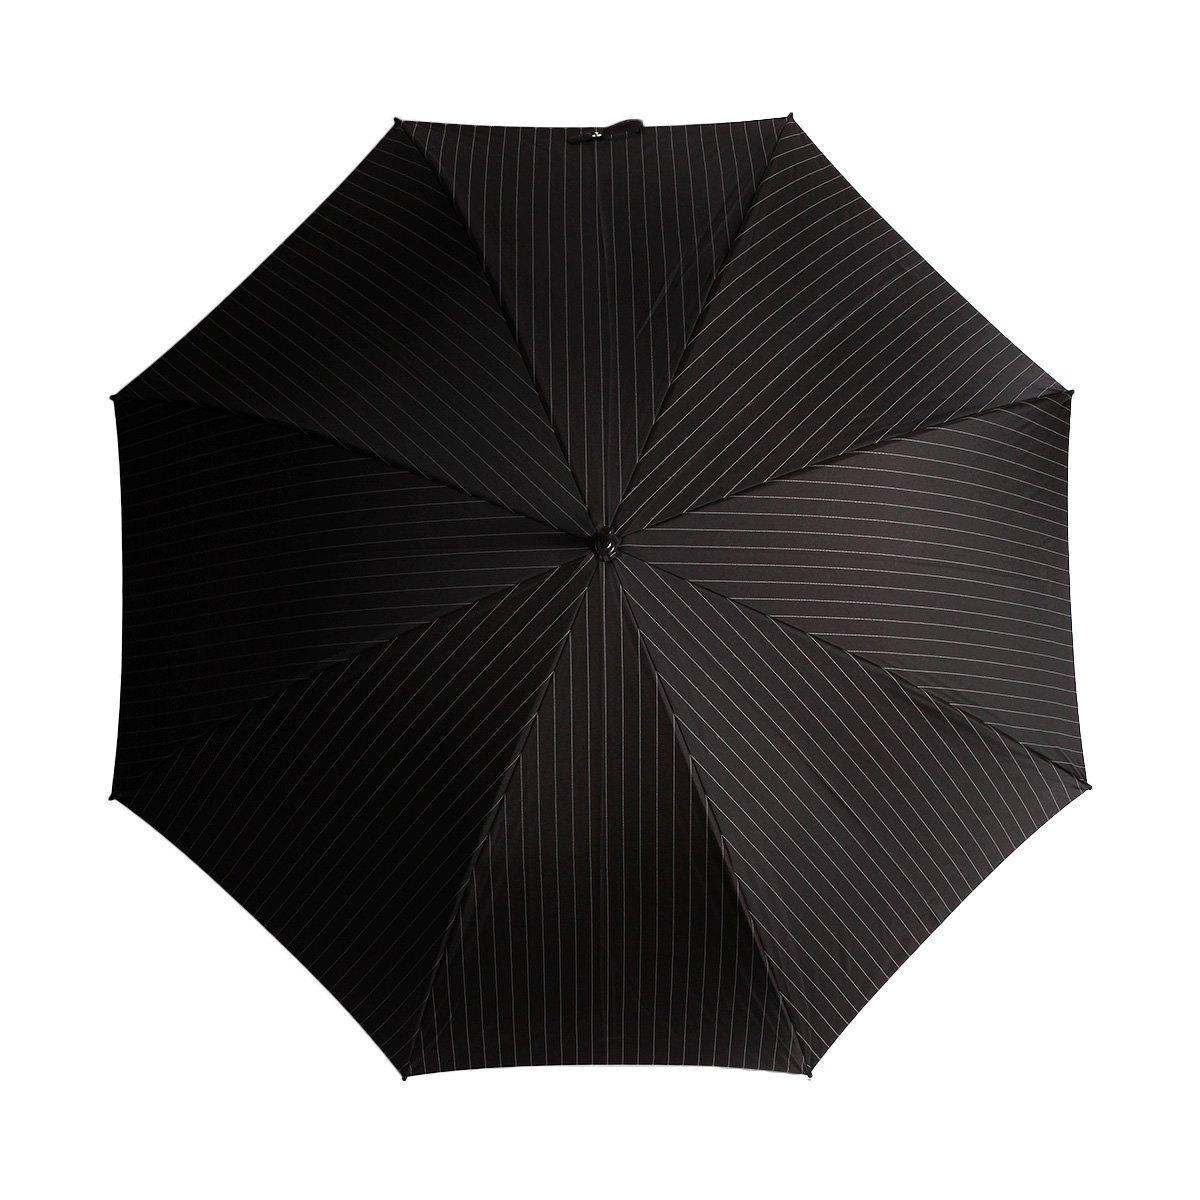 【公式限定】カラー骨 ジャカード ストライプ 長傘 詳細画像5